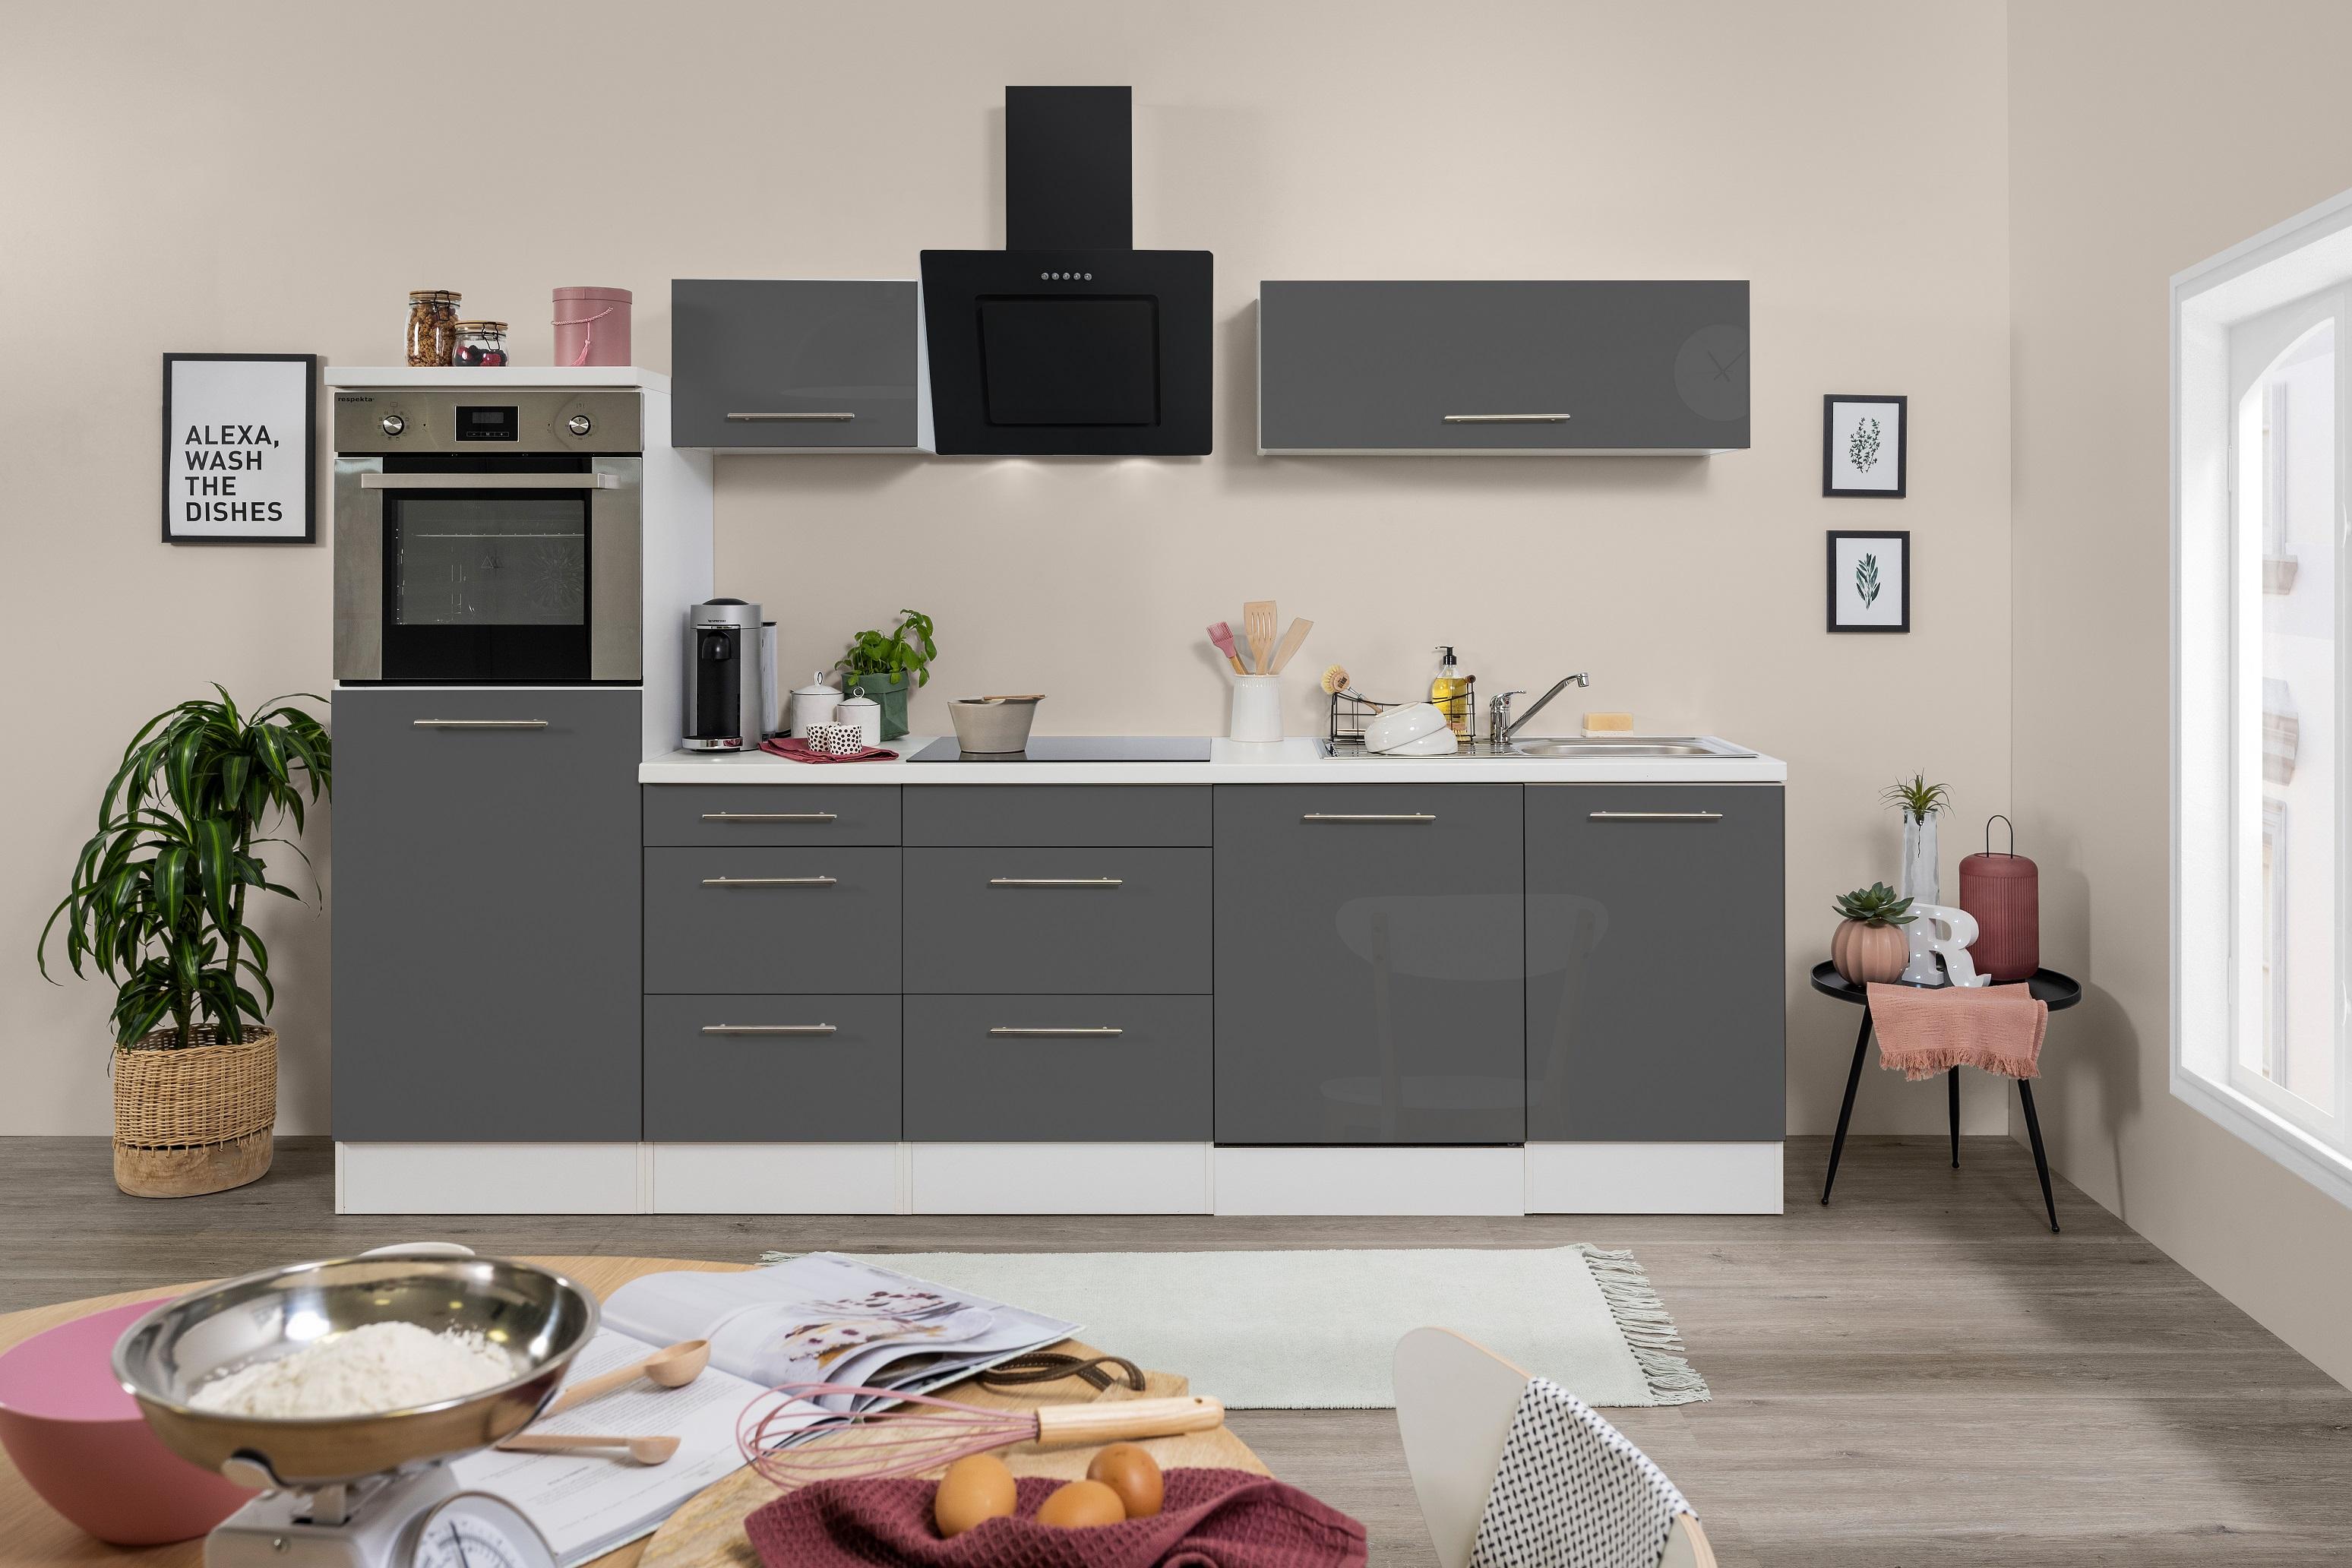 respekta Küchenzeile Küche Küchenblock Einbauküche 280cm Hochglanz weiß grau